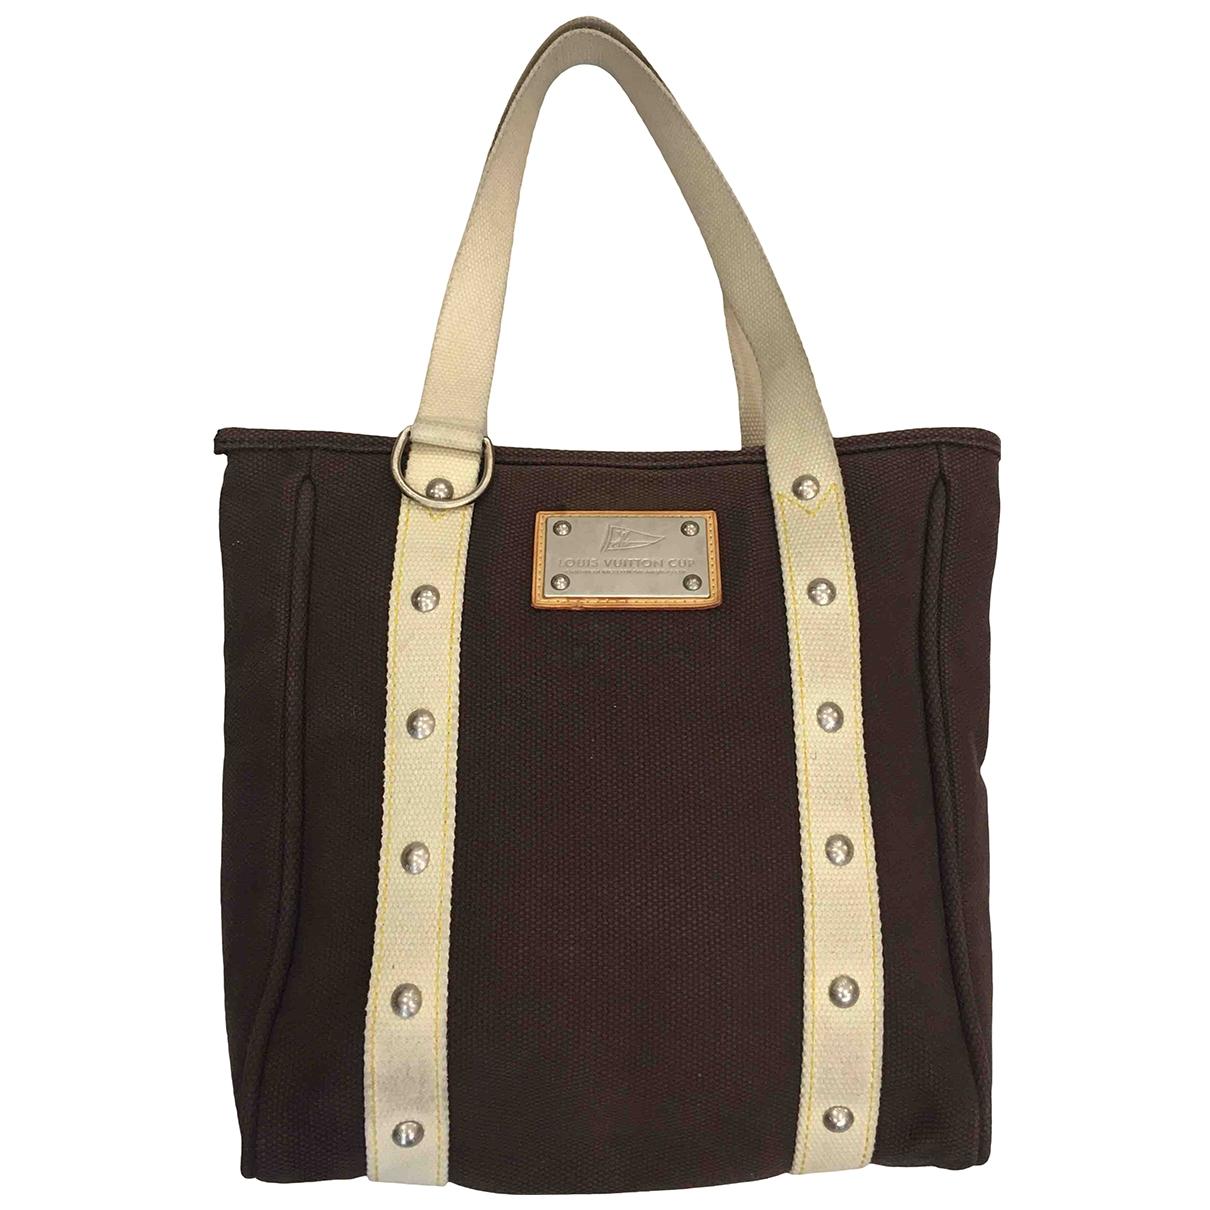 Louis Vuitton - Sac a main Antigua pour femme en coton - marron